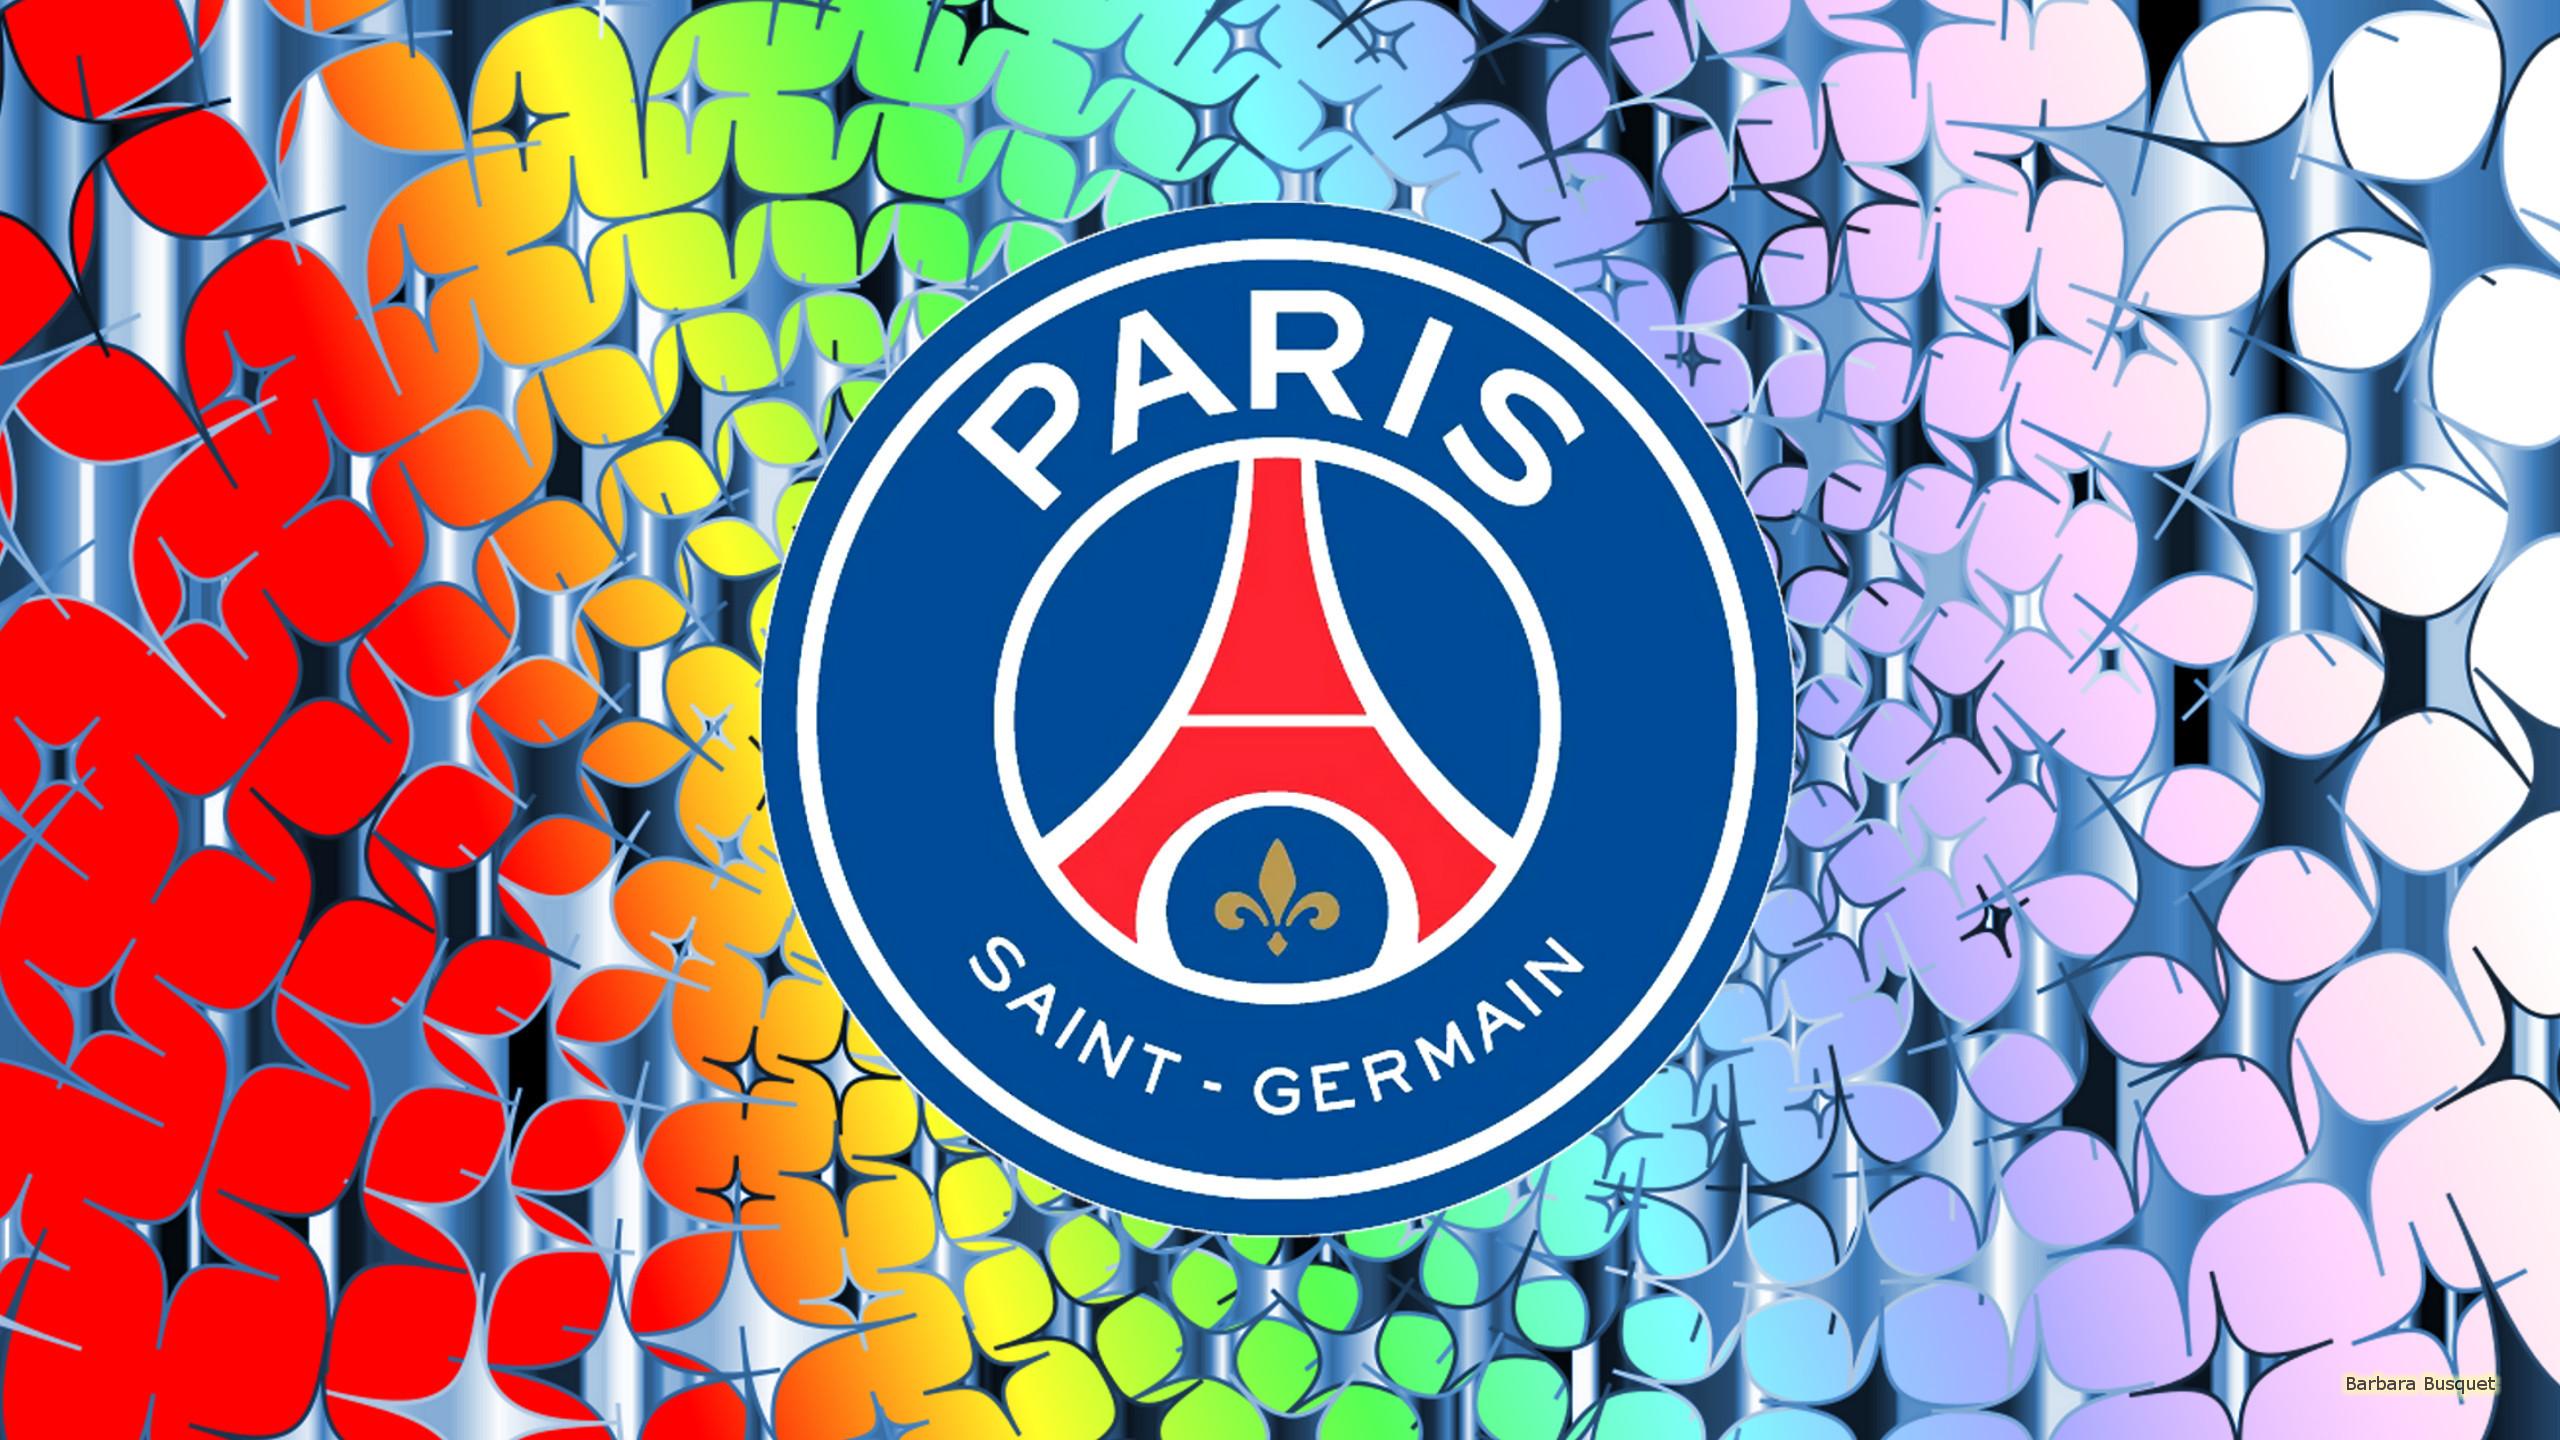 Paris Saint Germain Psg Wallpapers ·① WallpaperTag